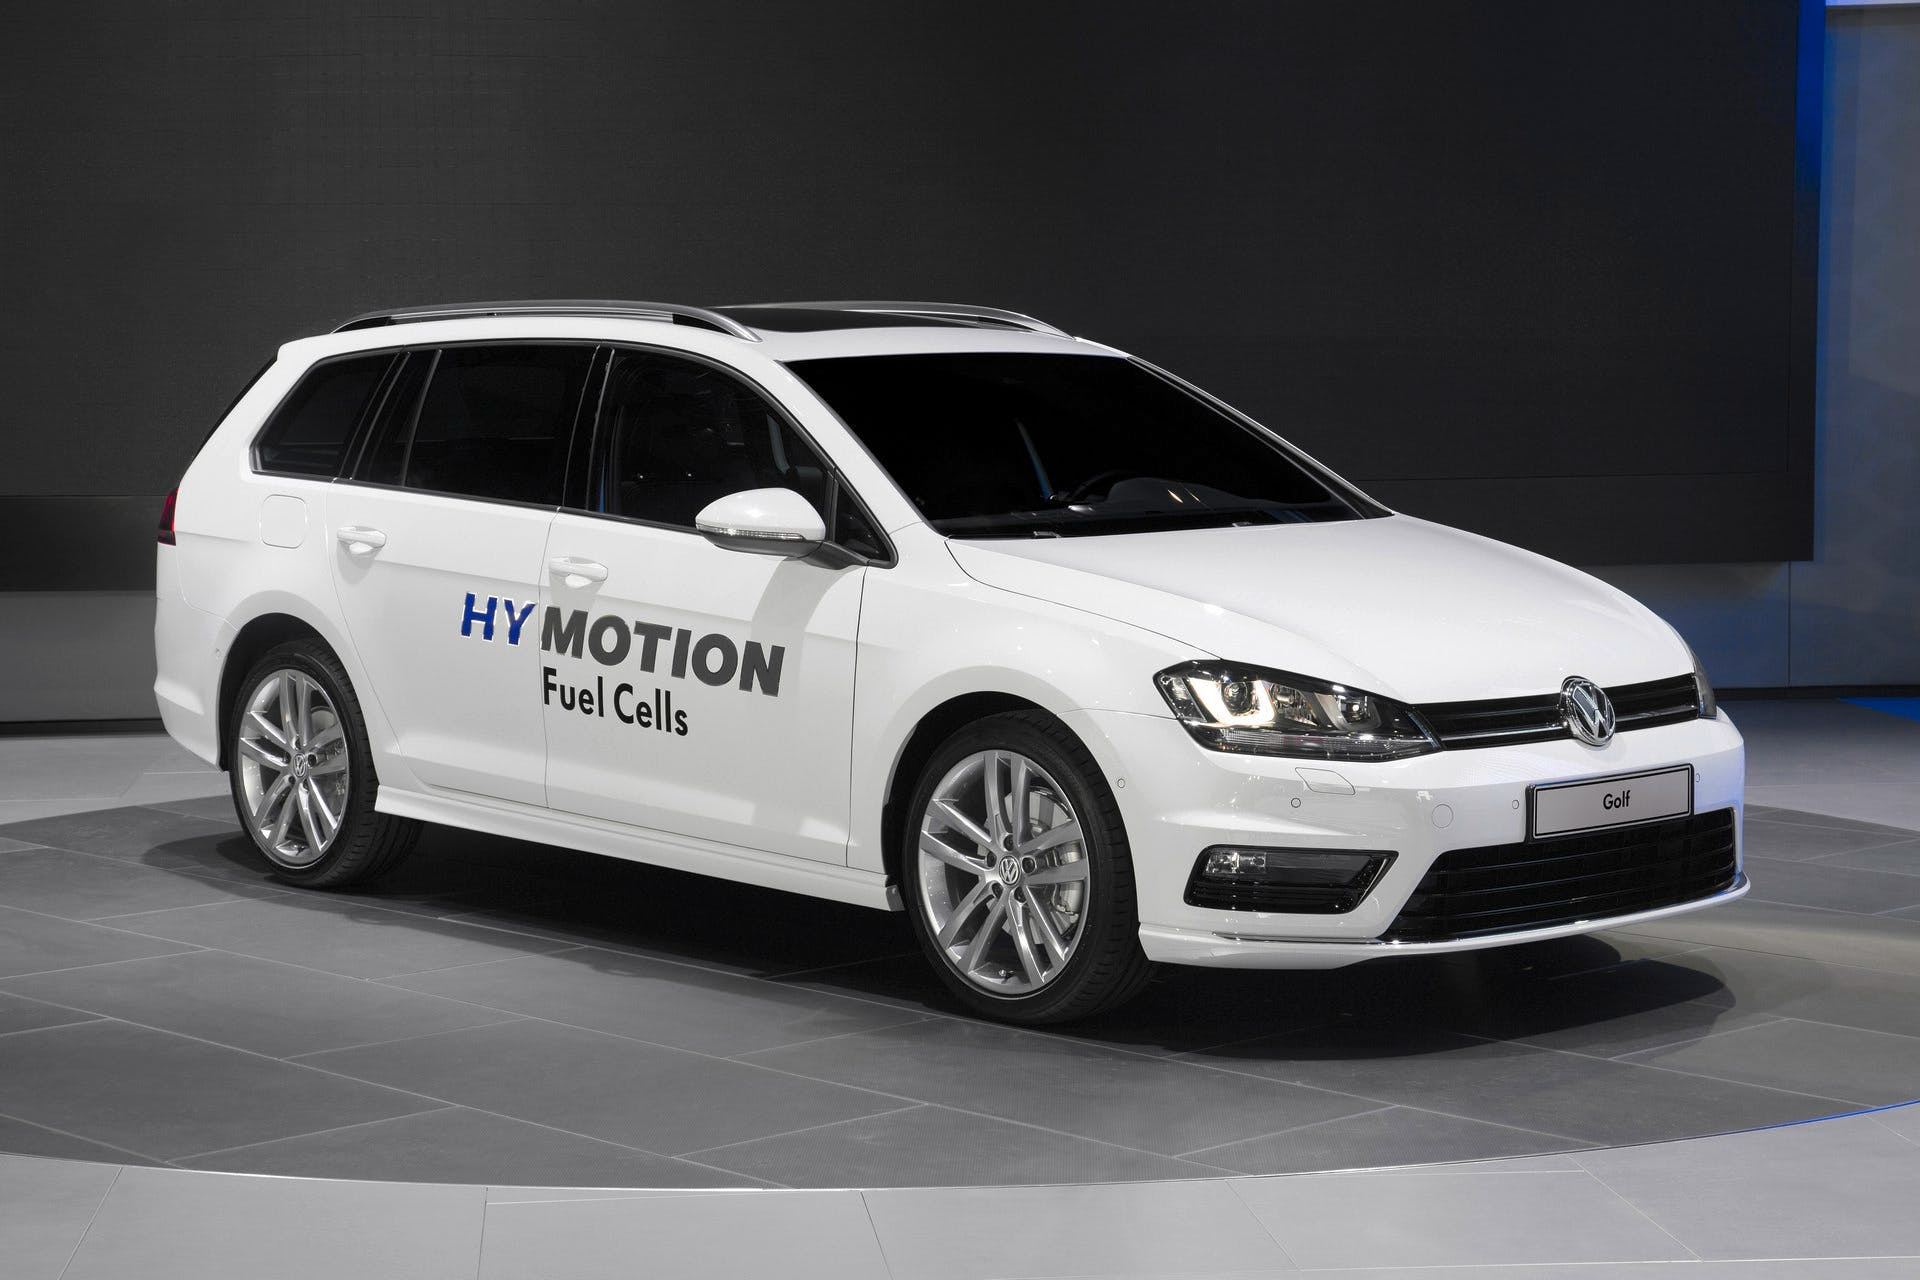 VolkswagenGolfSportWagenHyMotion-002